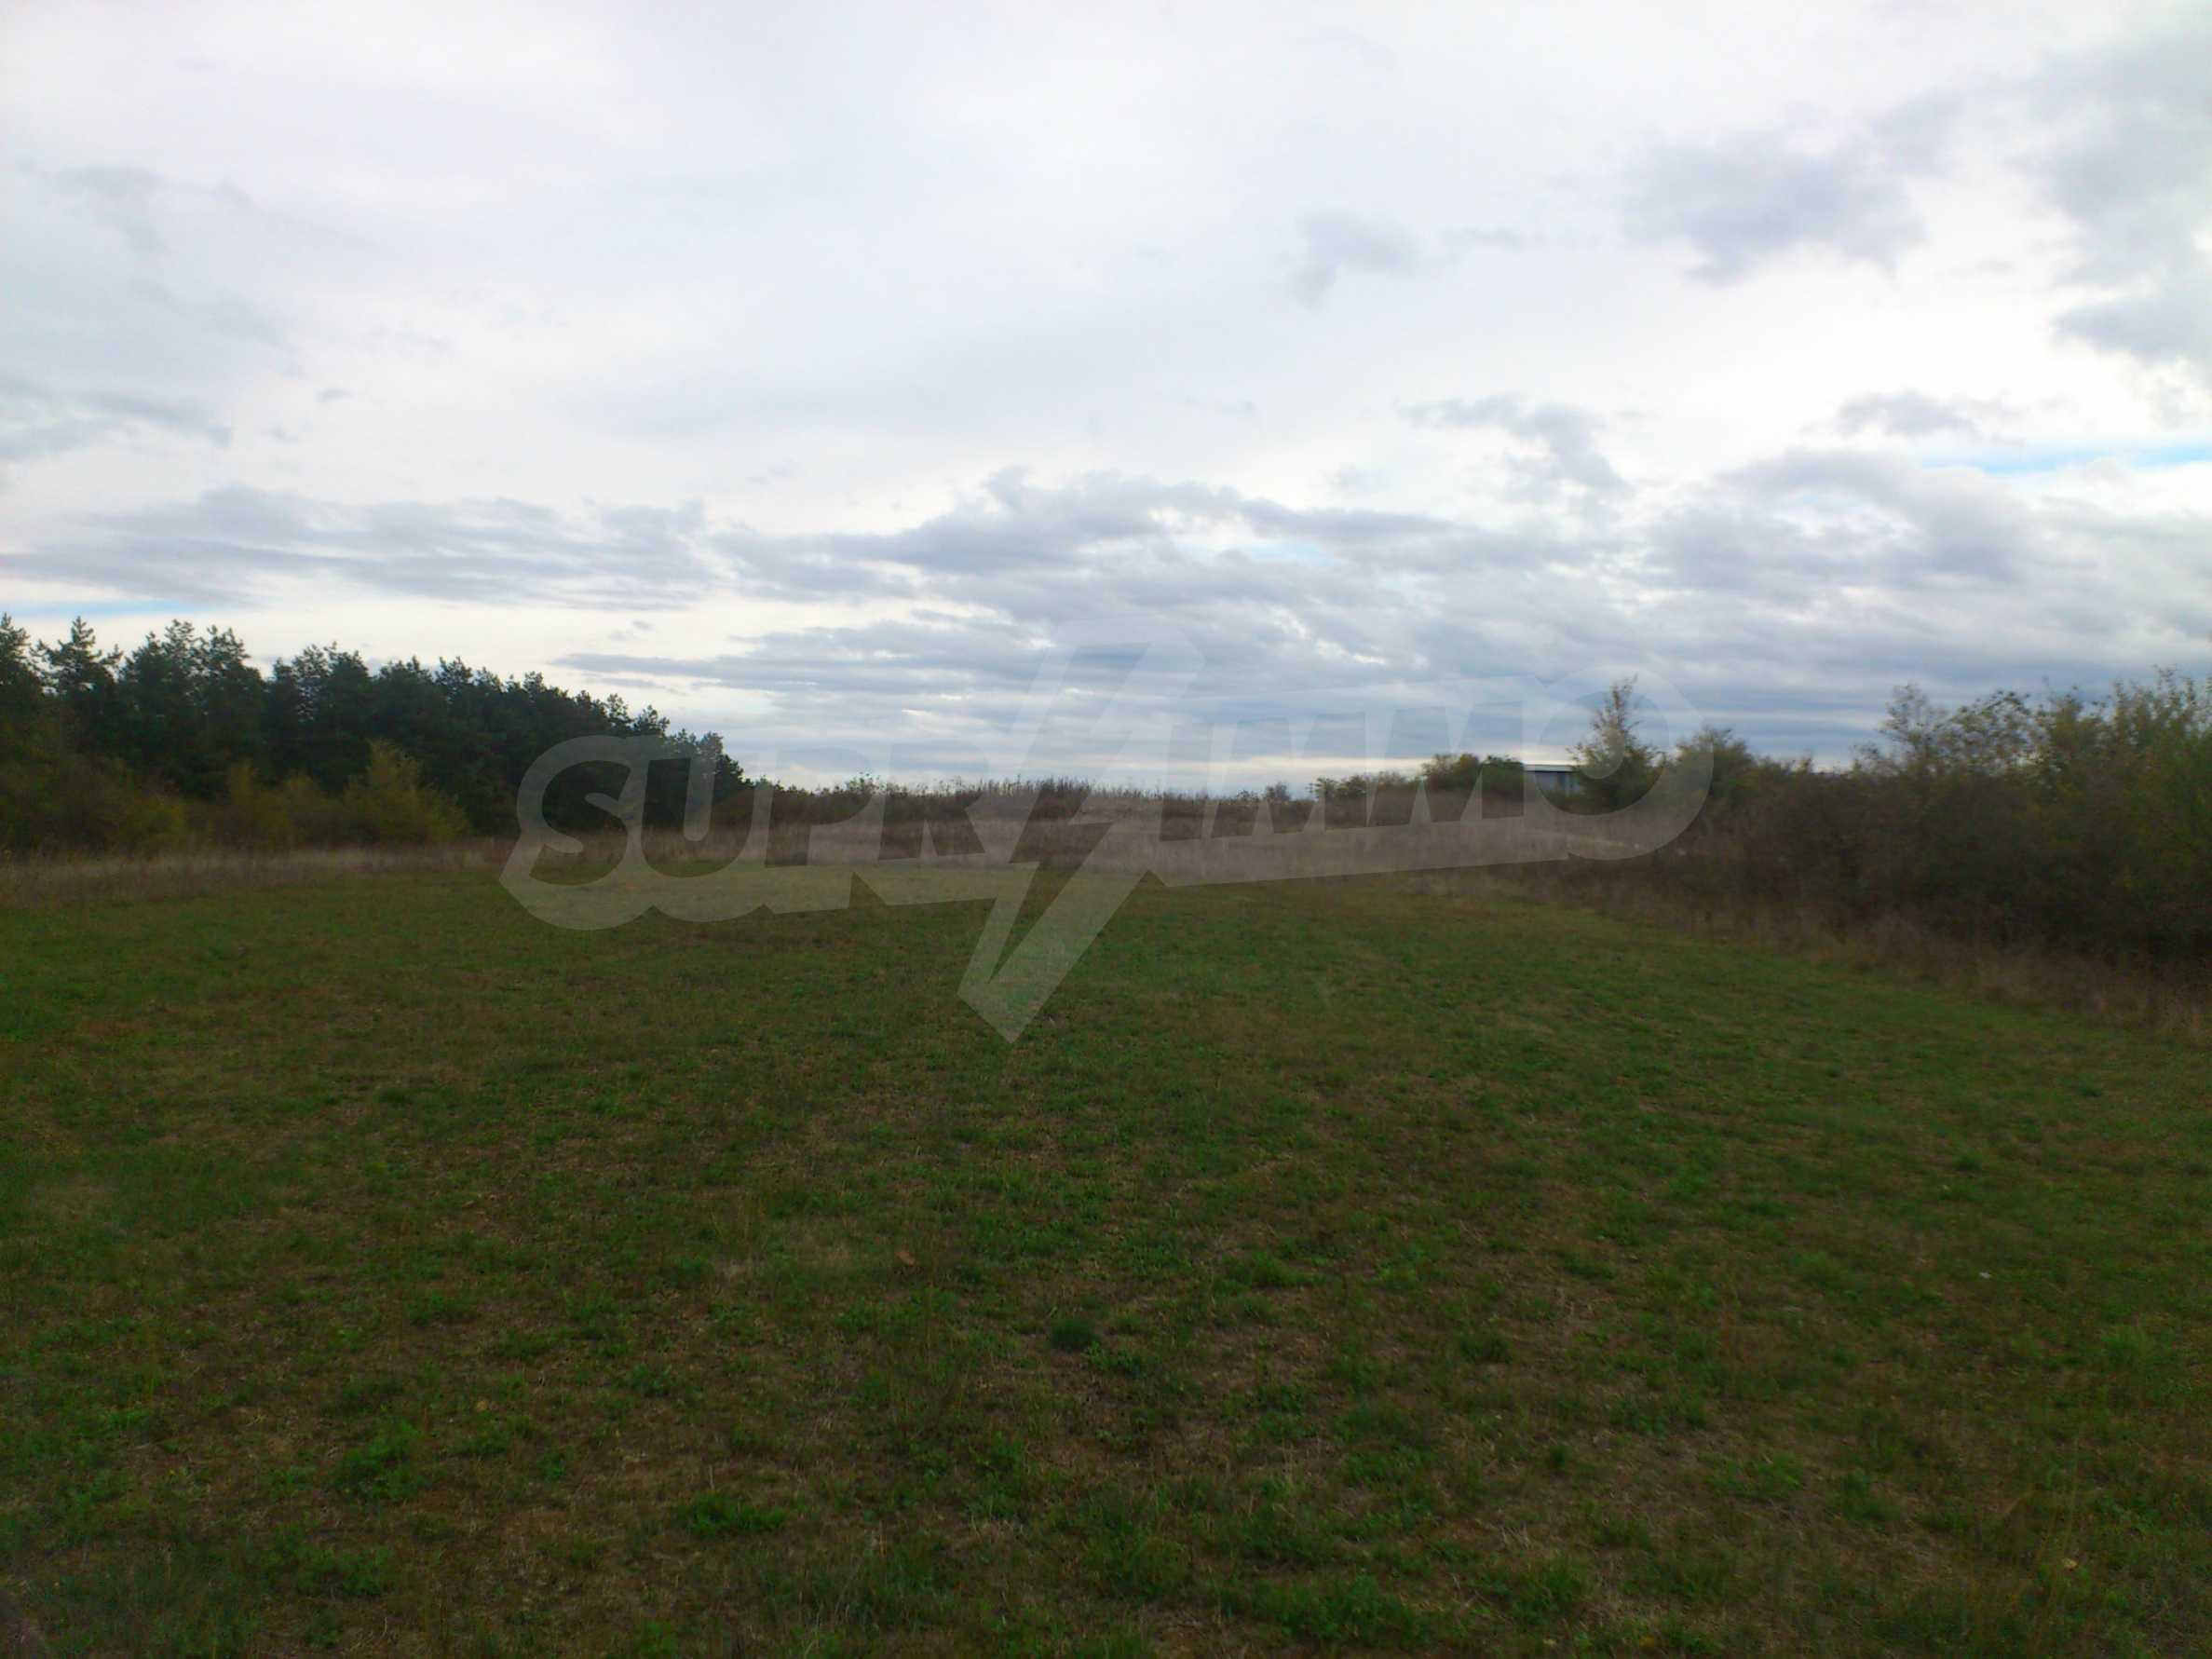 Grundstück 3 km von Veliko Tarnovo entfernt mit Blick auf eine Asphaltstraße 2